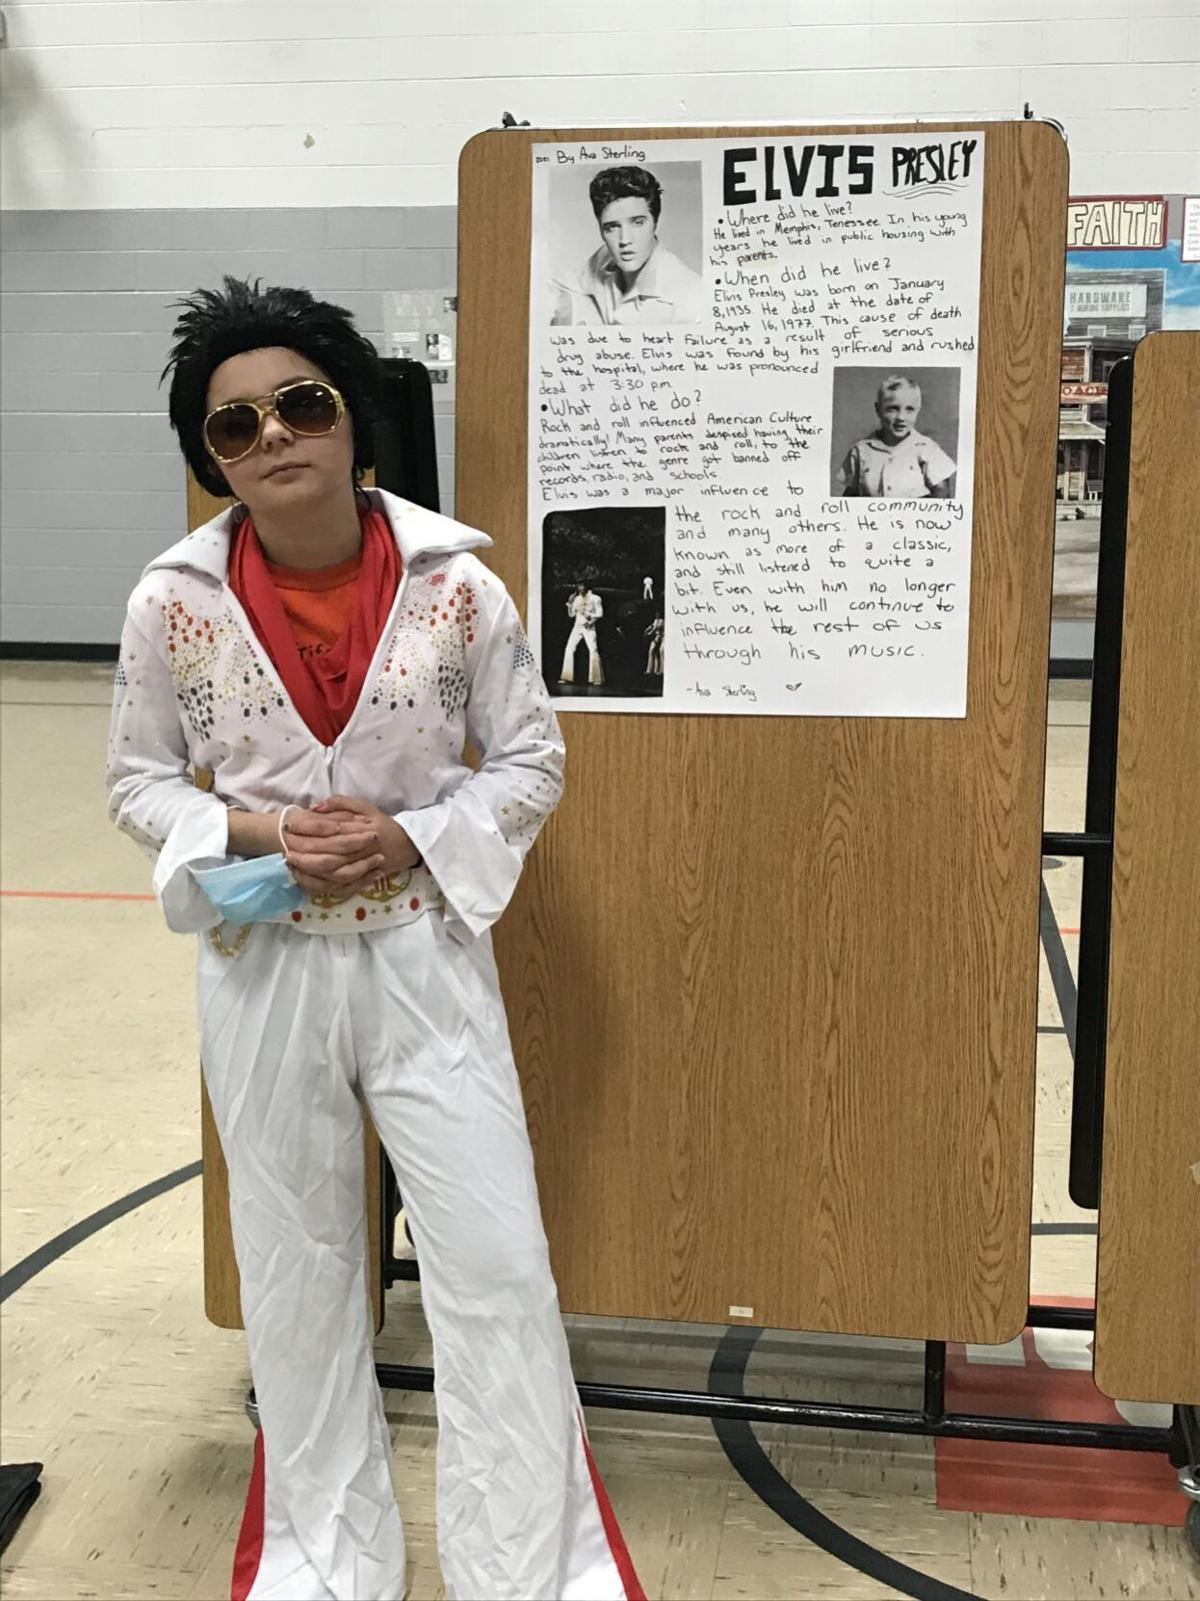 Ava Sterling as Elvis Presley